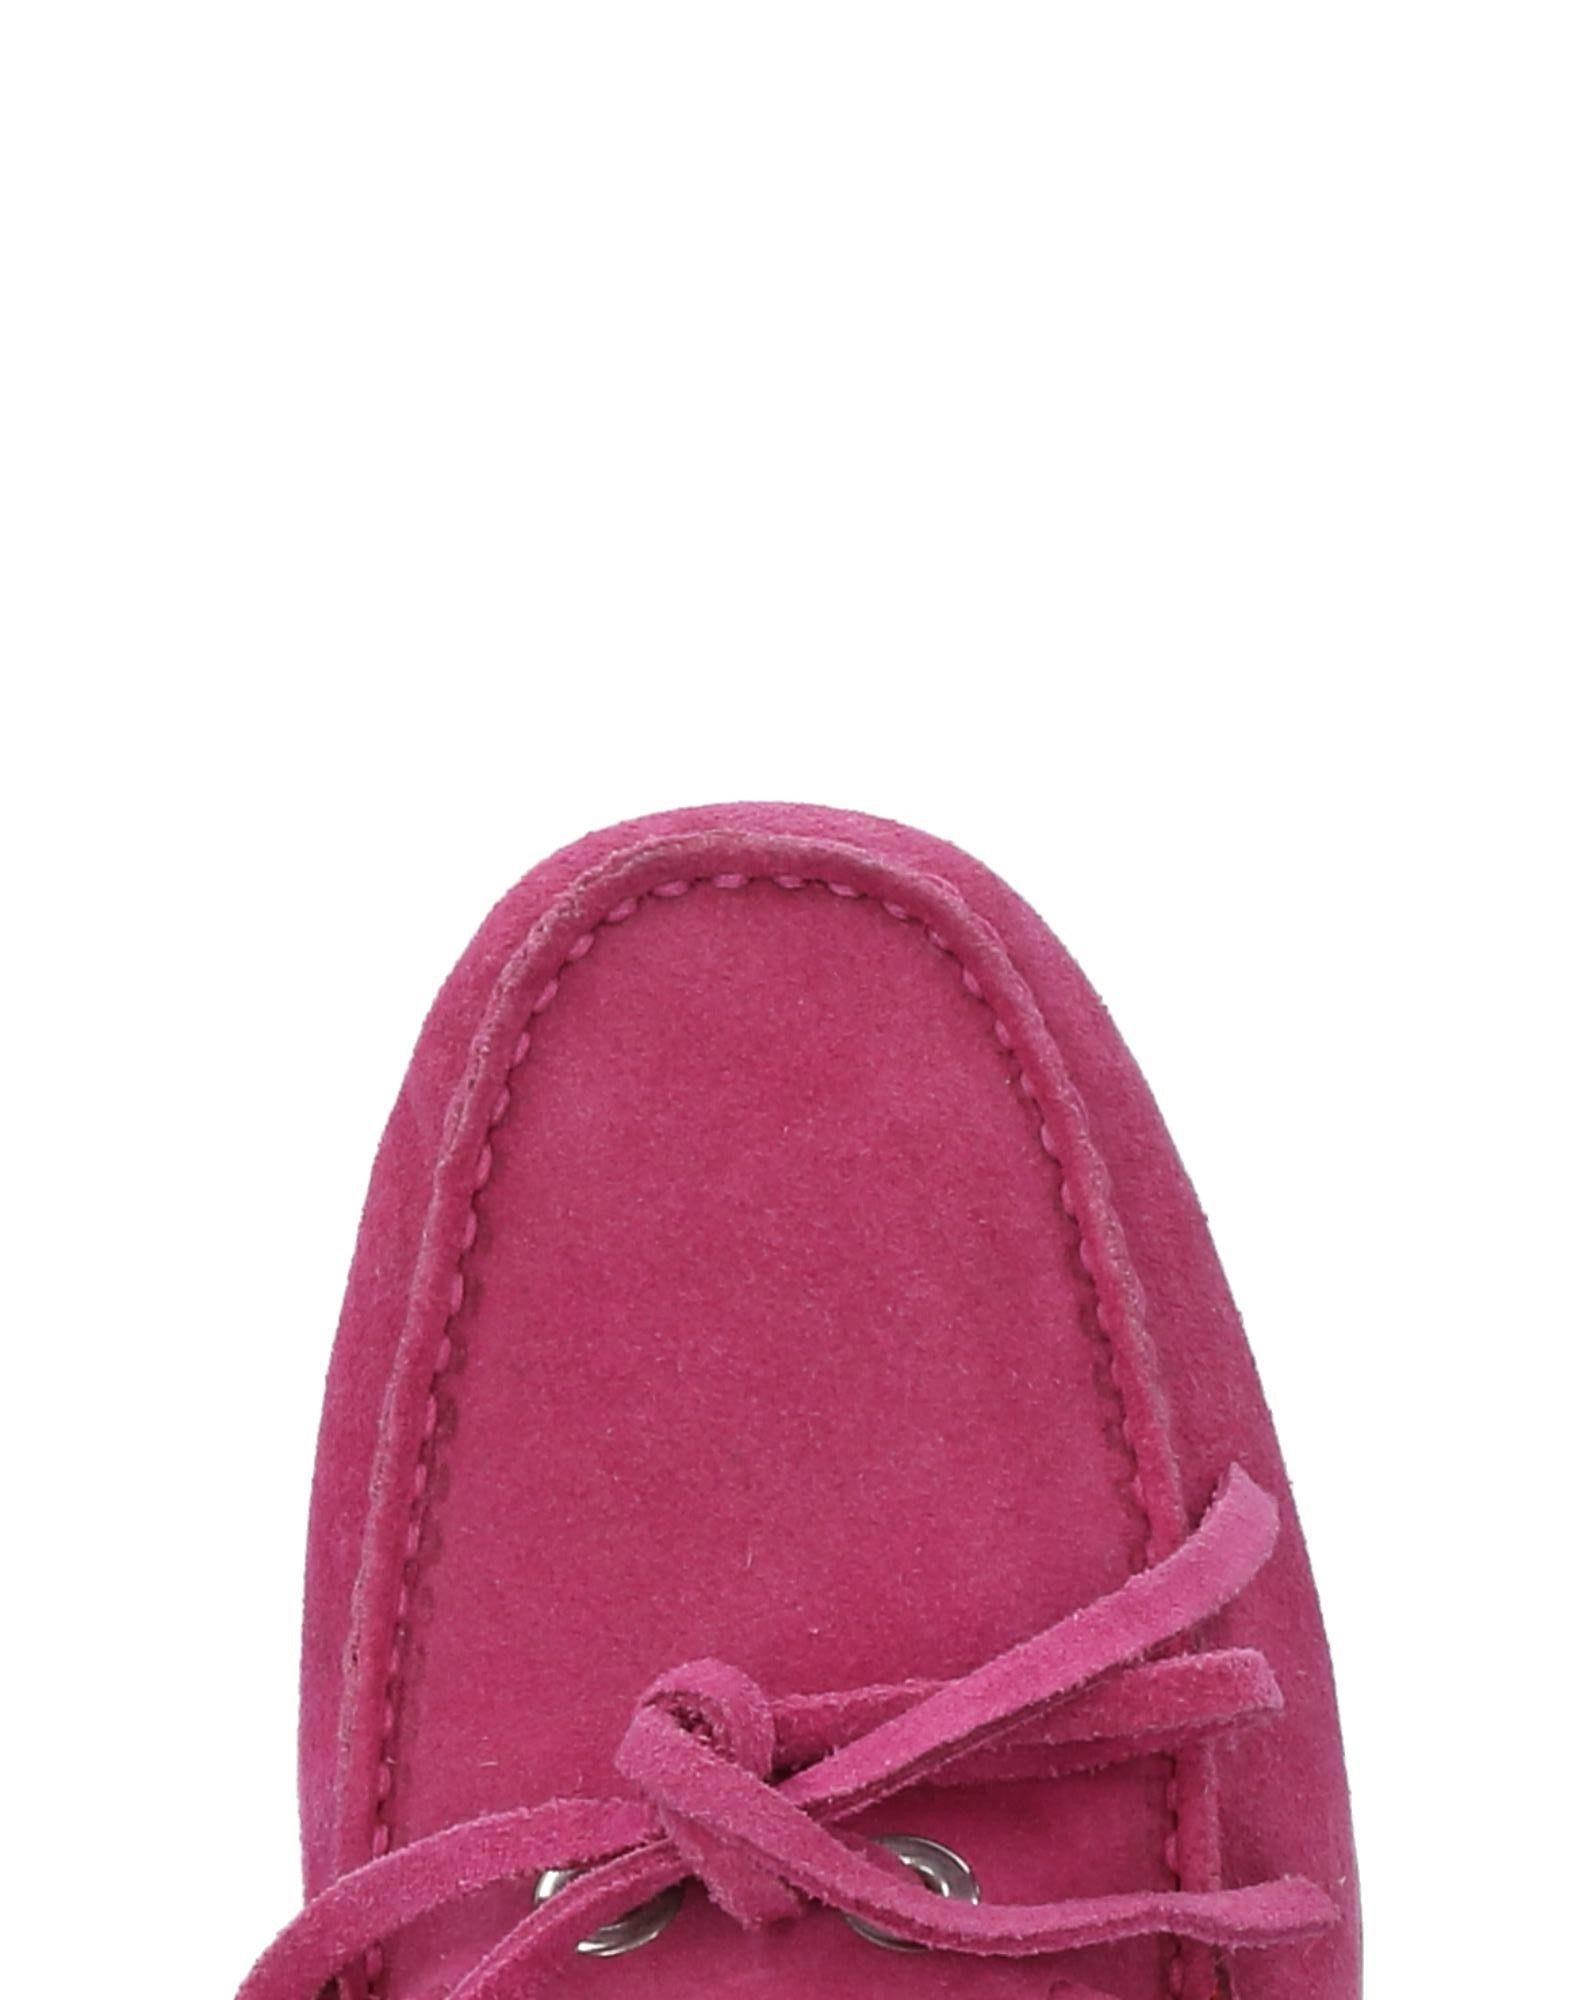 Voile Blanche Damen Mokassins Damen Blanche  11503508PO Neue Schuhe 7f4899